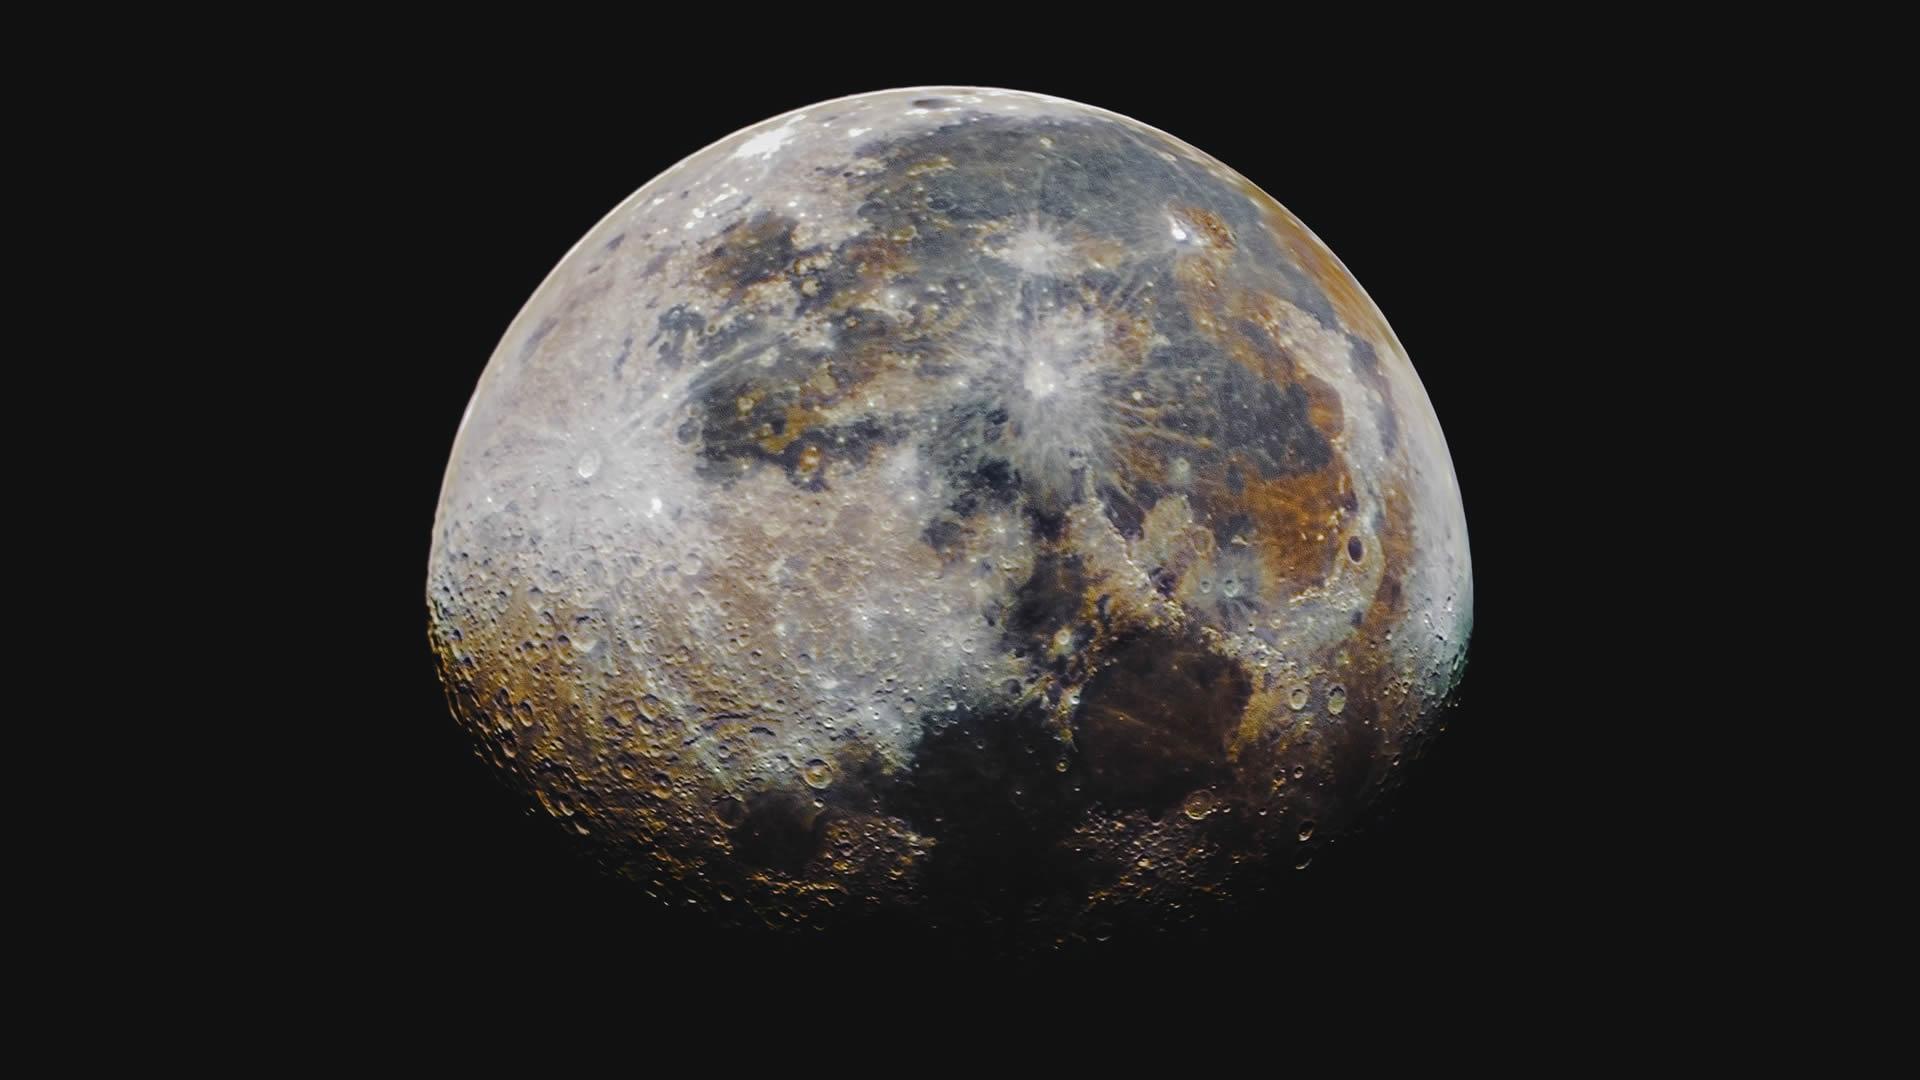 La Luna se está oxidando y se está volviendo ligeramente roja – Cronosmos